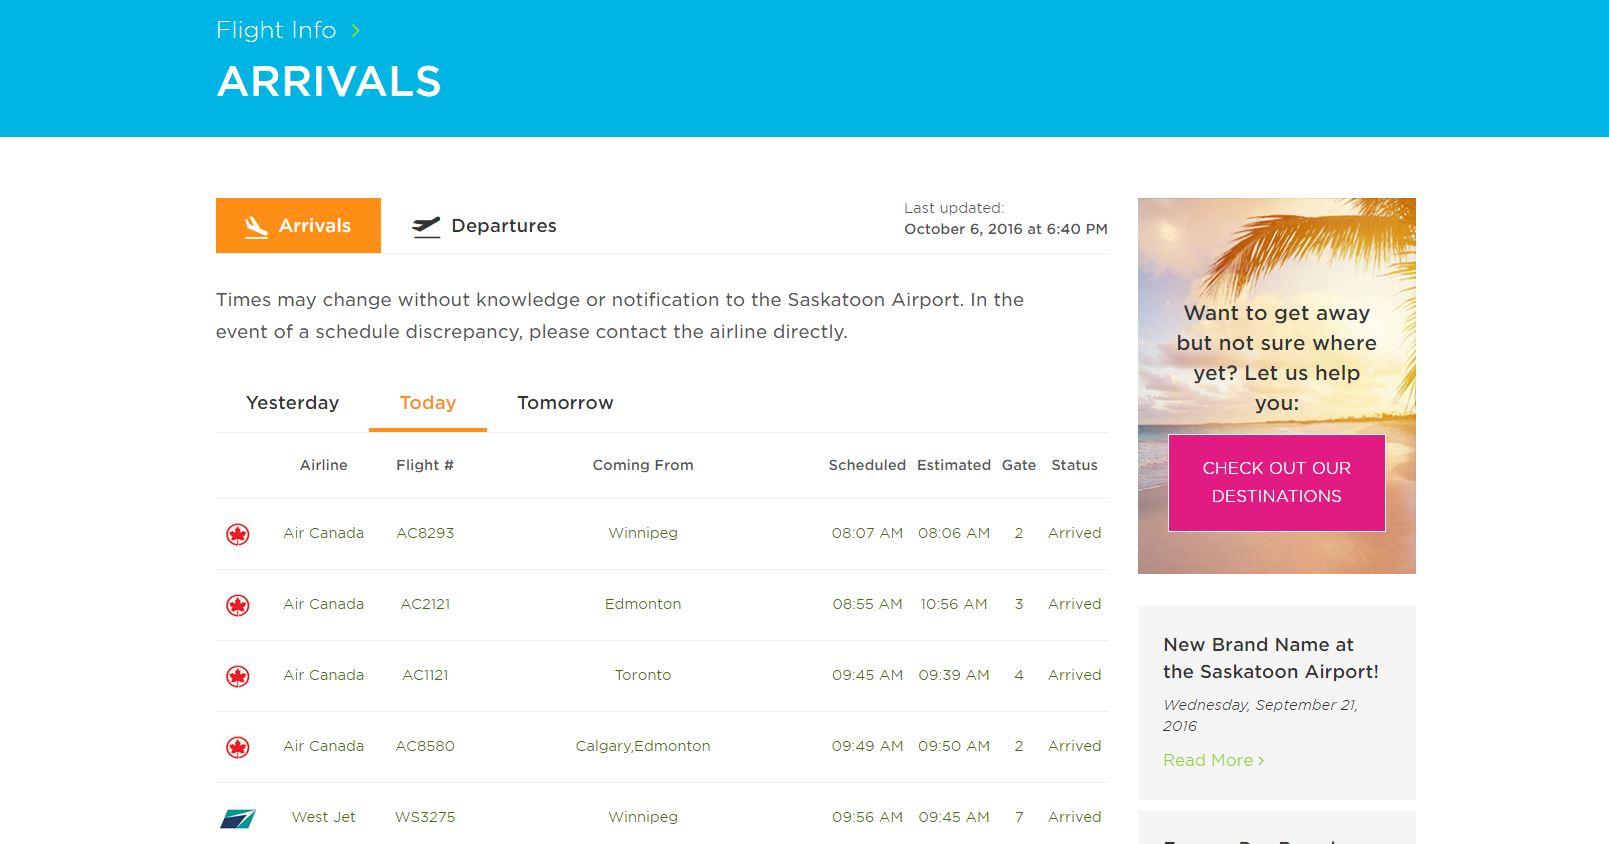 skyxe-flight-info-arrivals.JPG